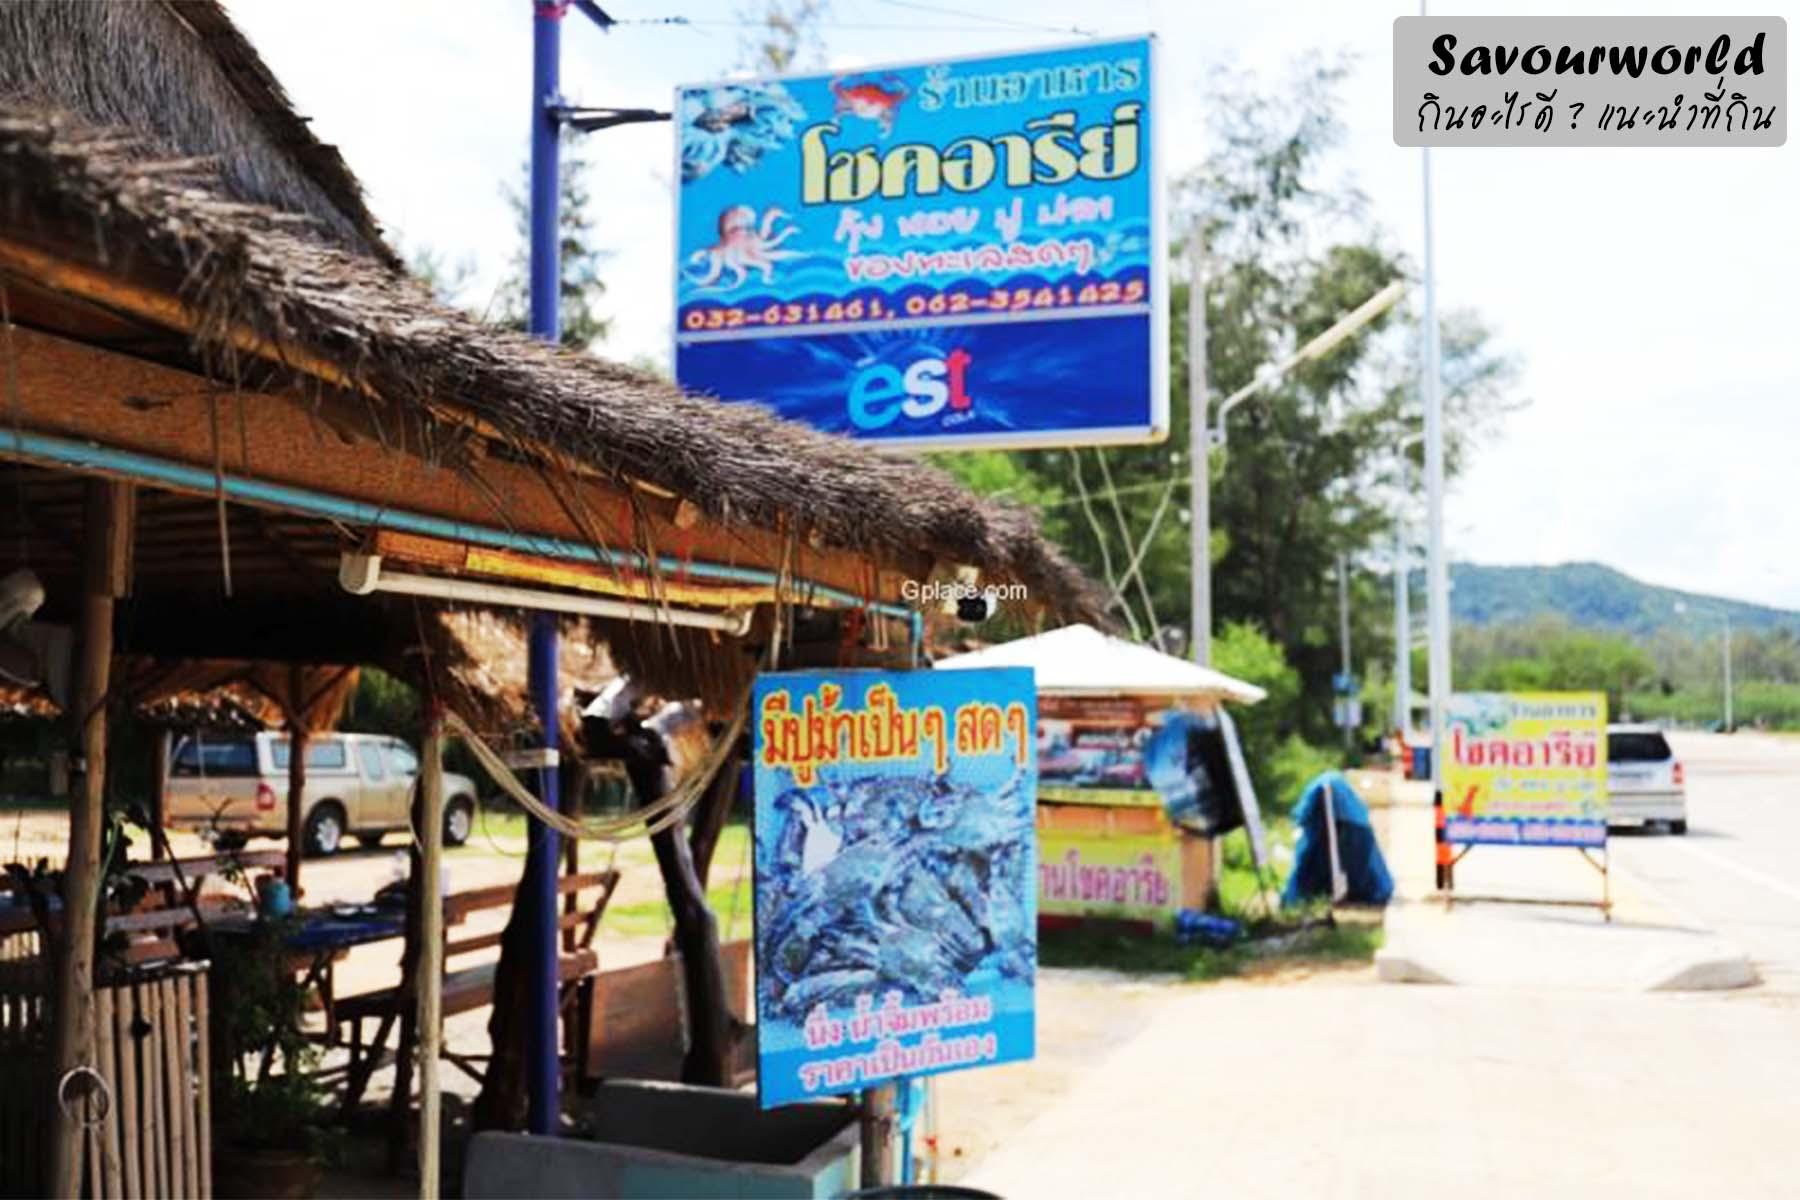 ร้านอาหารทะเลที่ปากน้ำปราณบุรี - savourworld.com